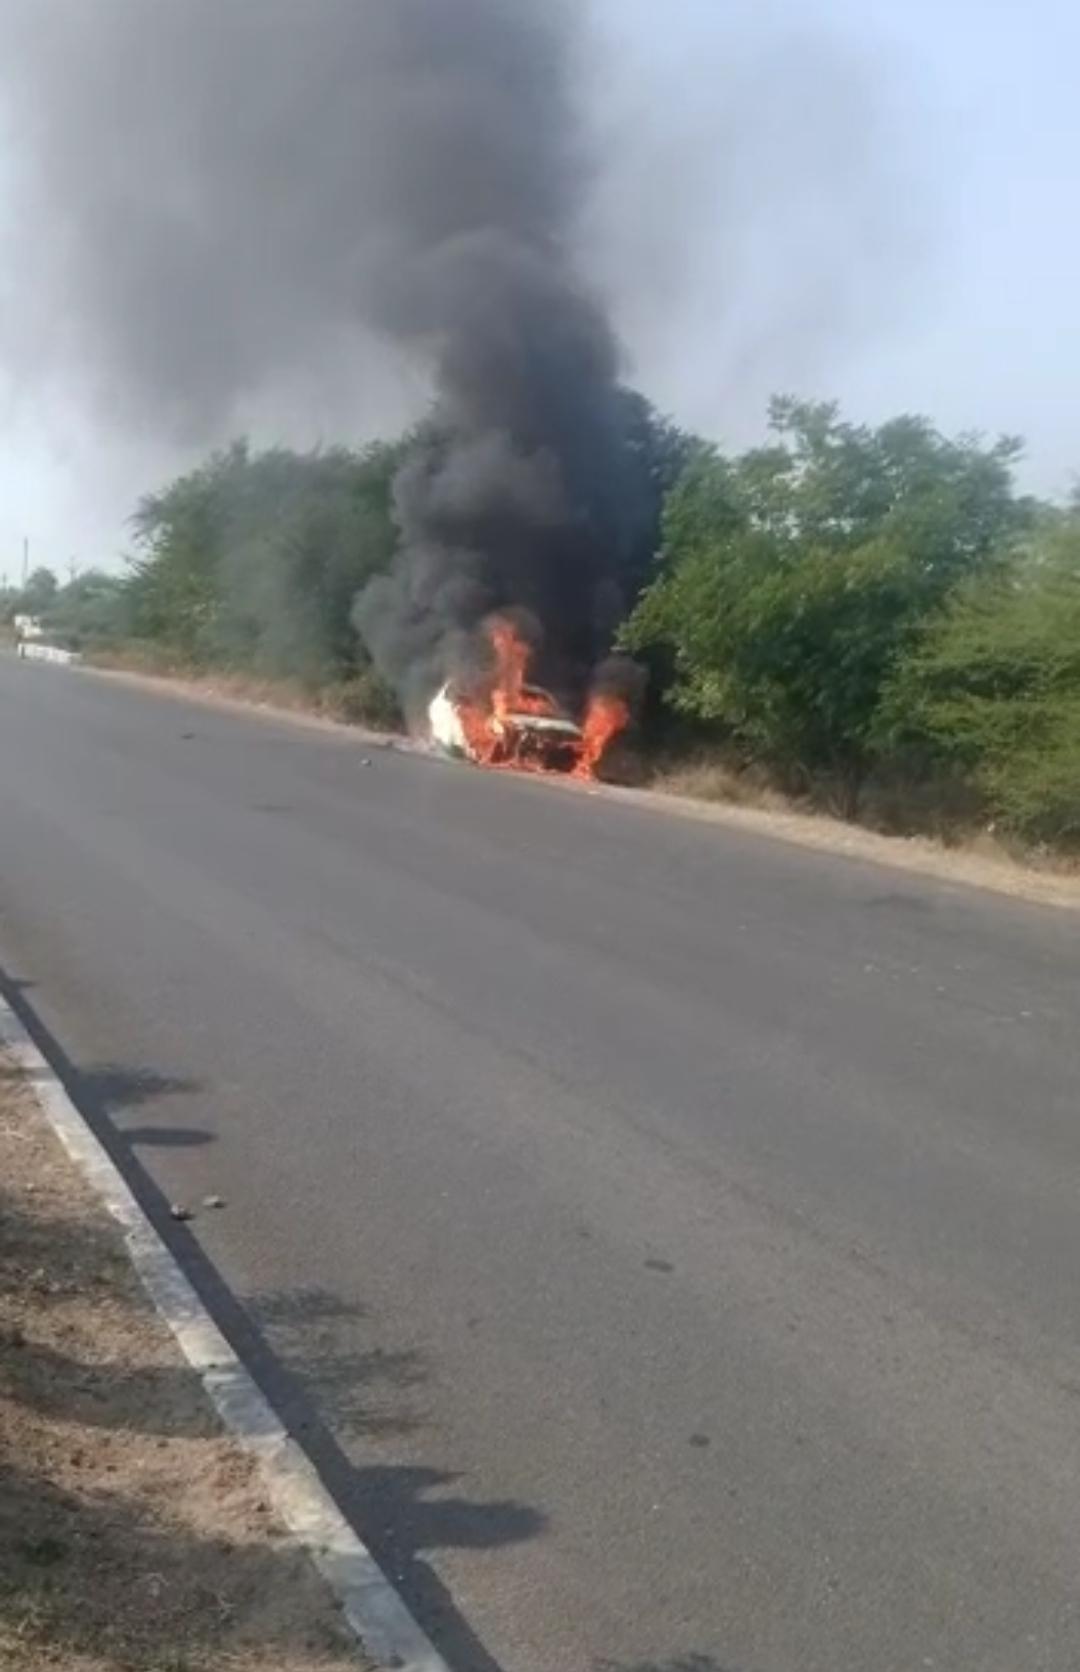 अचानक कारमें लगी आग, ऑटो लोक नहीं खुलने पर चीखते-चिल्लाते जलकर राख हुआ चालक, वीडियो 38